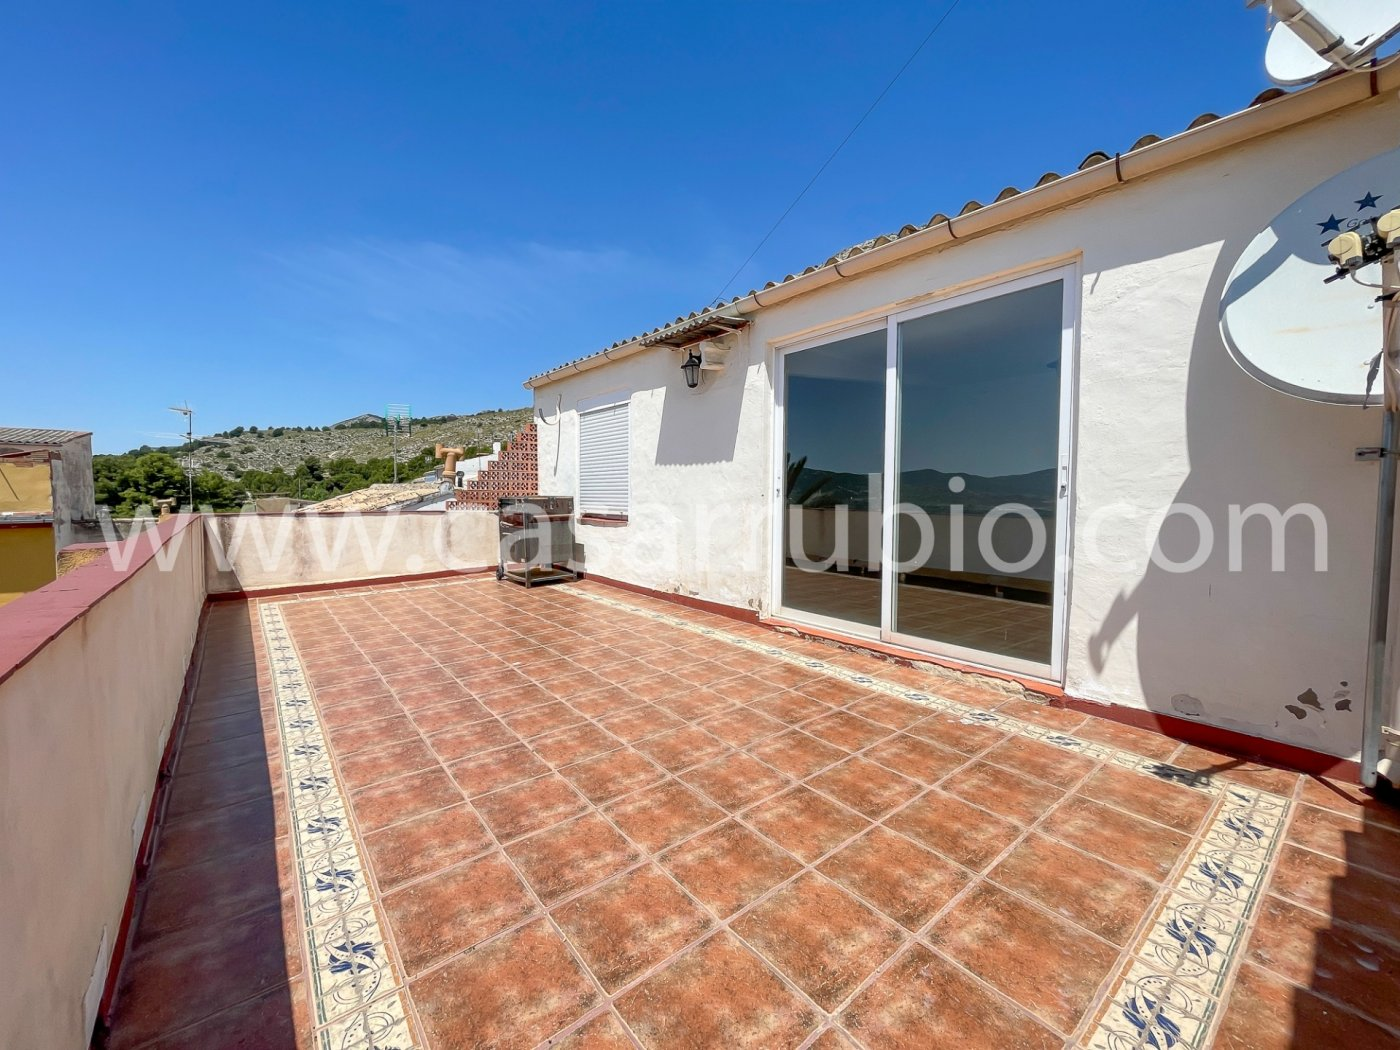 Estupenda casa reformada y con terraza en onil !! - imagenInmueble8